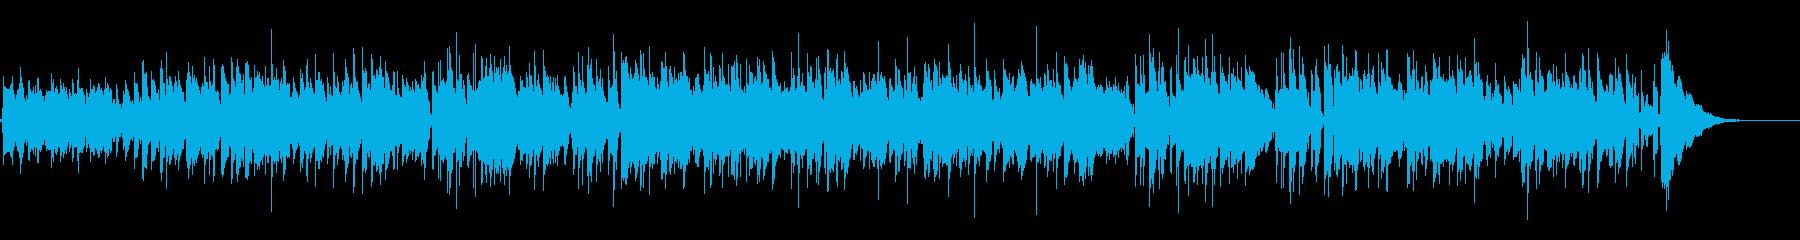 のんびりほっこりラグタイム風アコギBGMの再生済みの波形